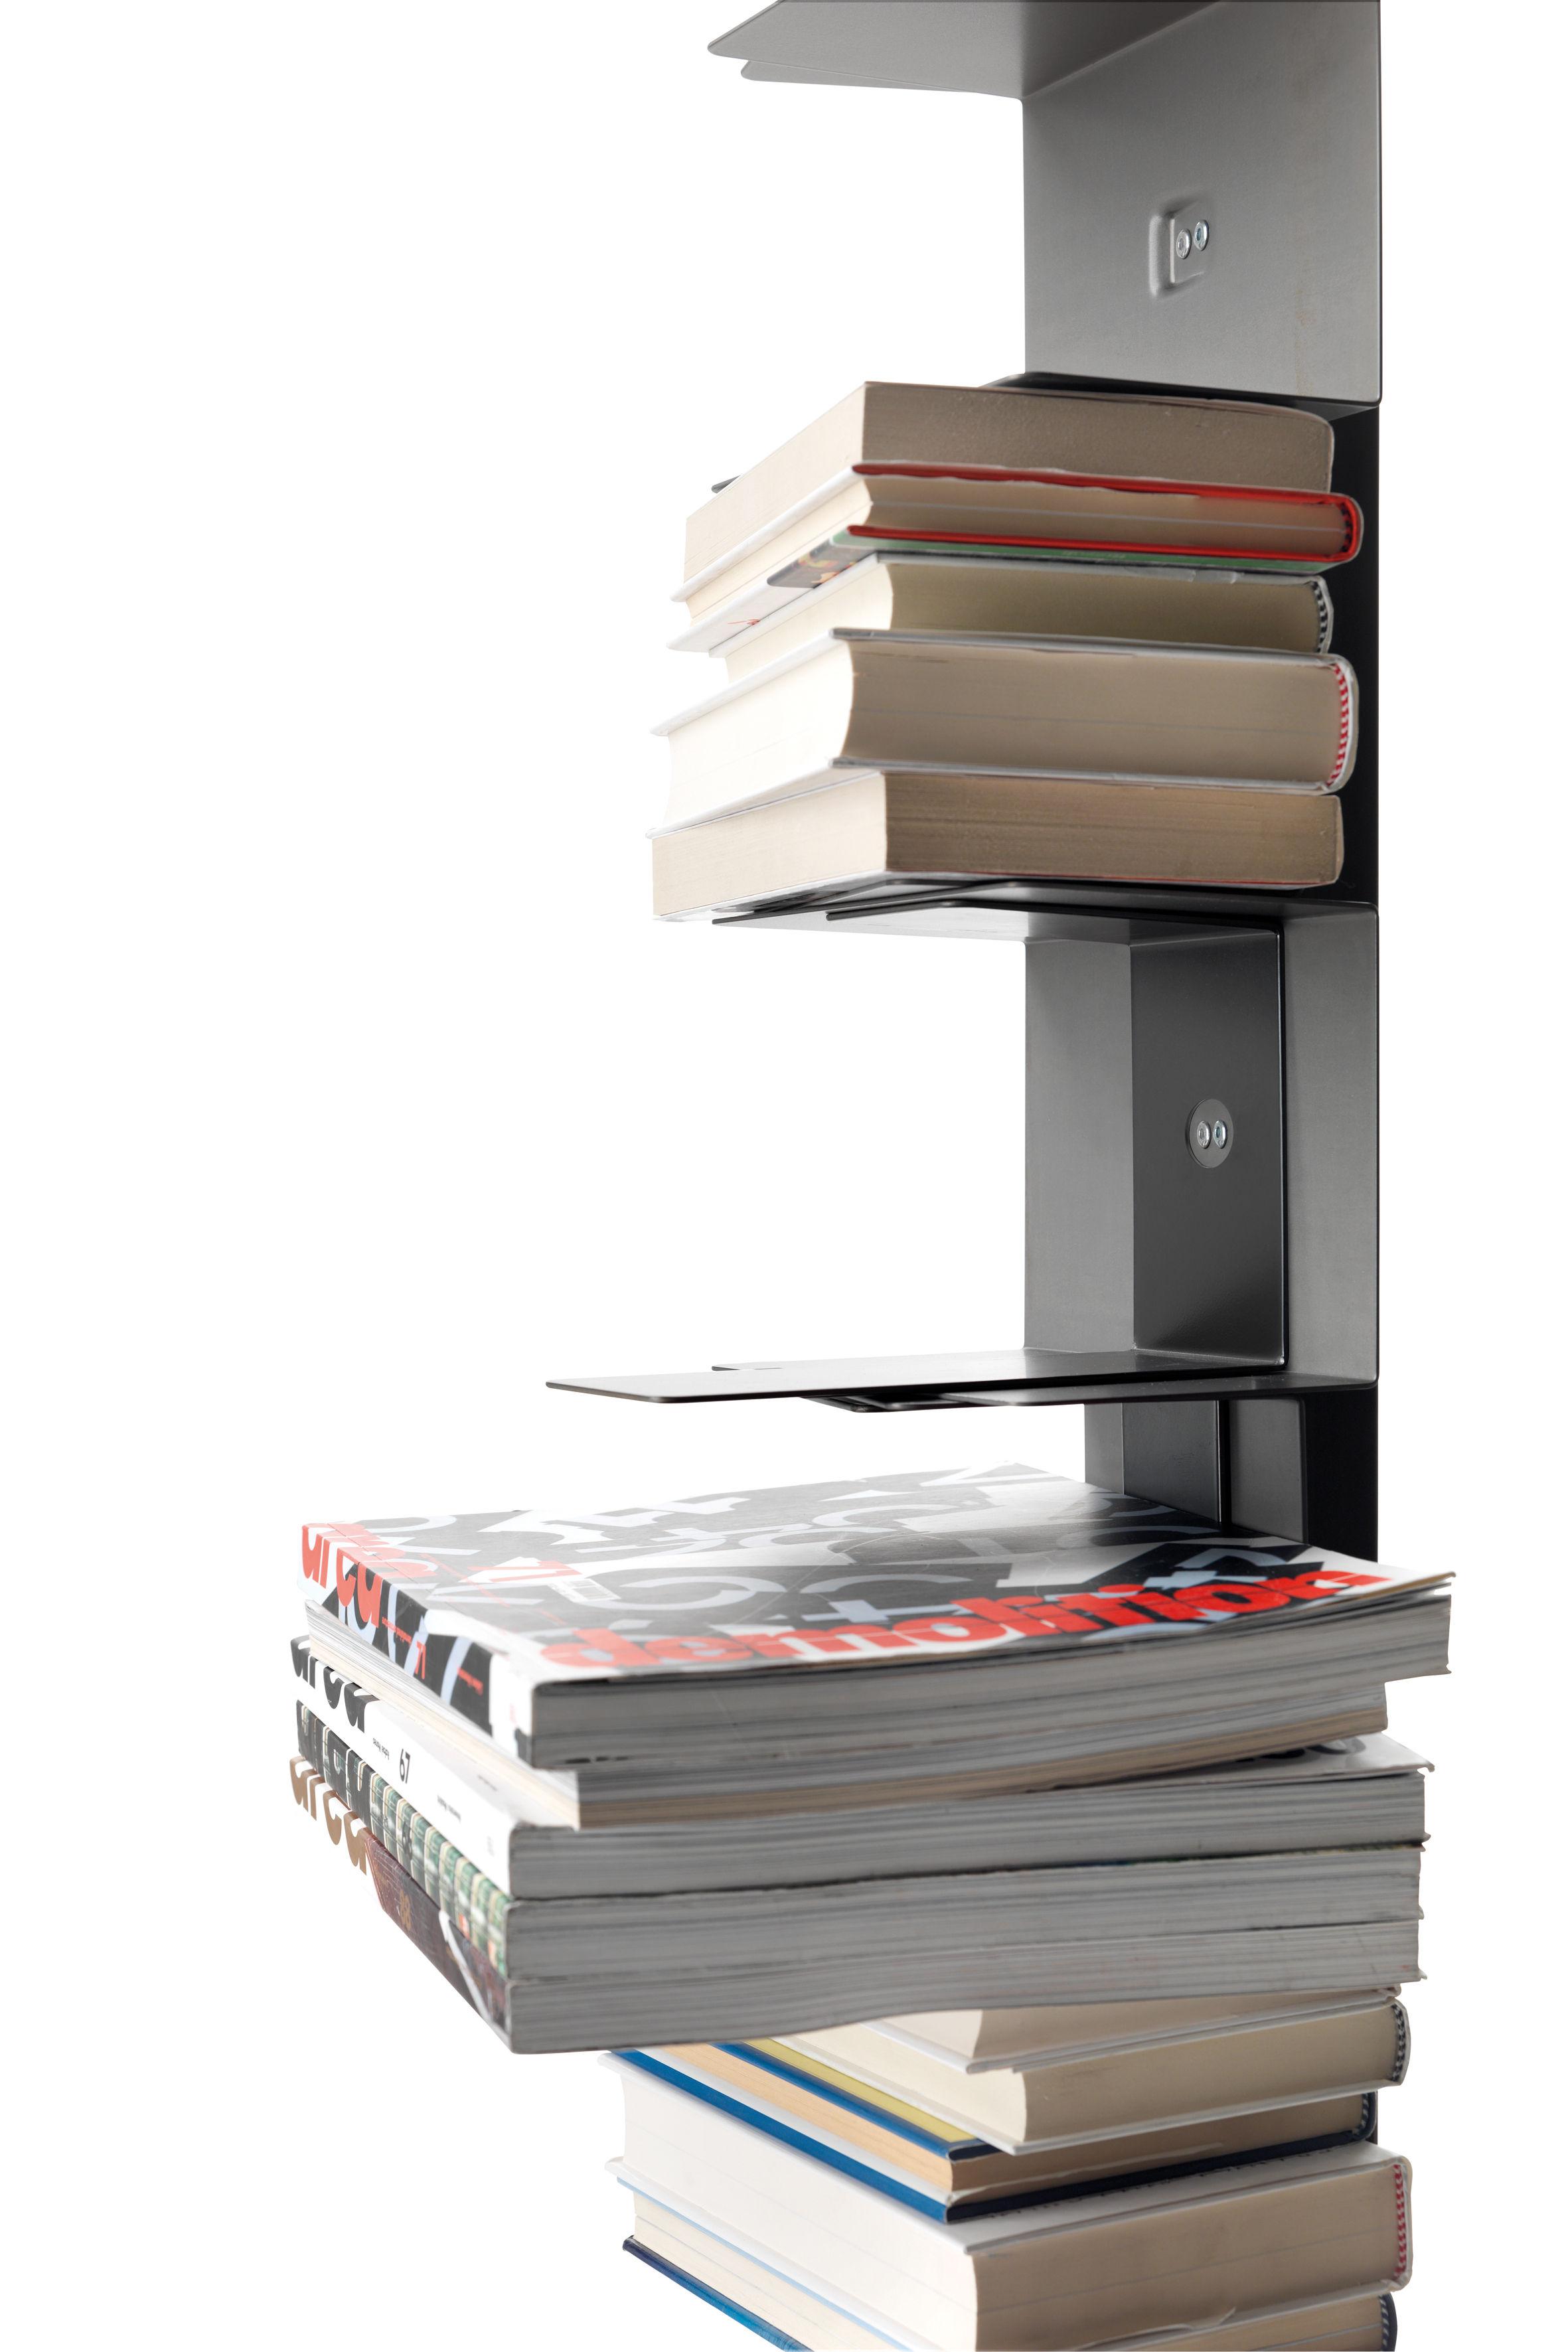 biblioth que ptolomeo murale h 155 cm blanc opinion ciatti. Black Bedroom Furniture Sets. Home Design Ideas